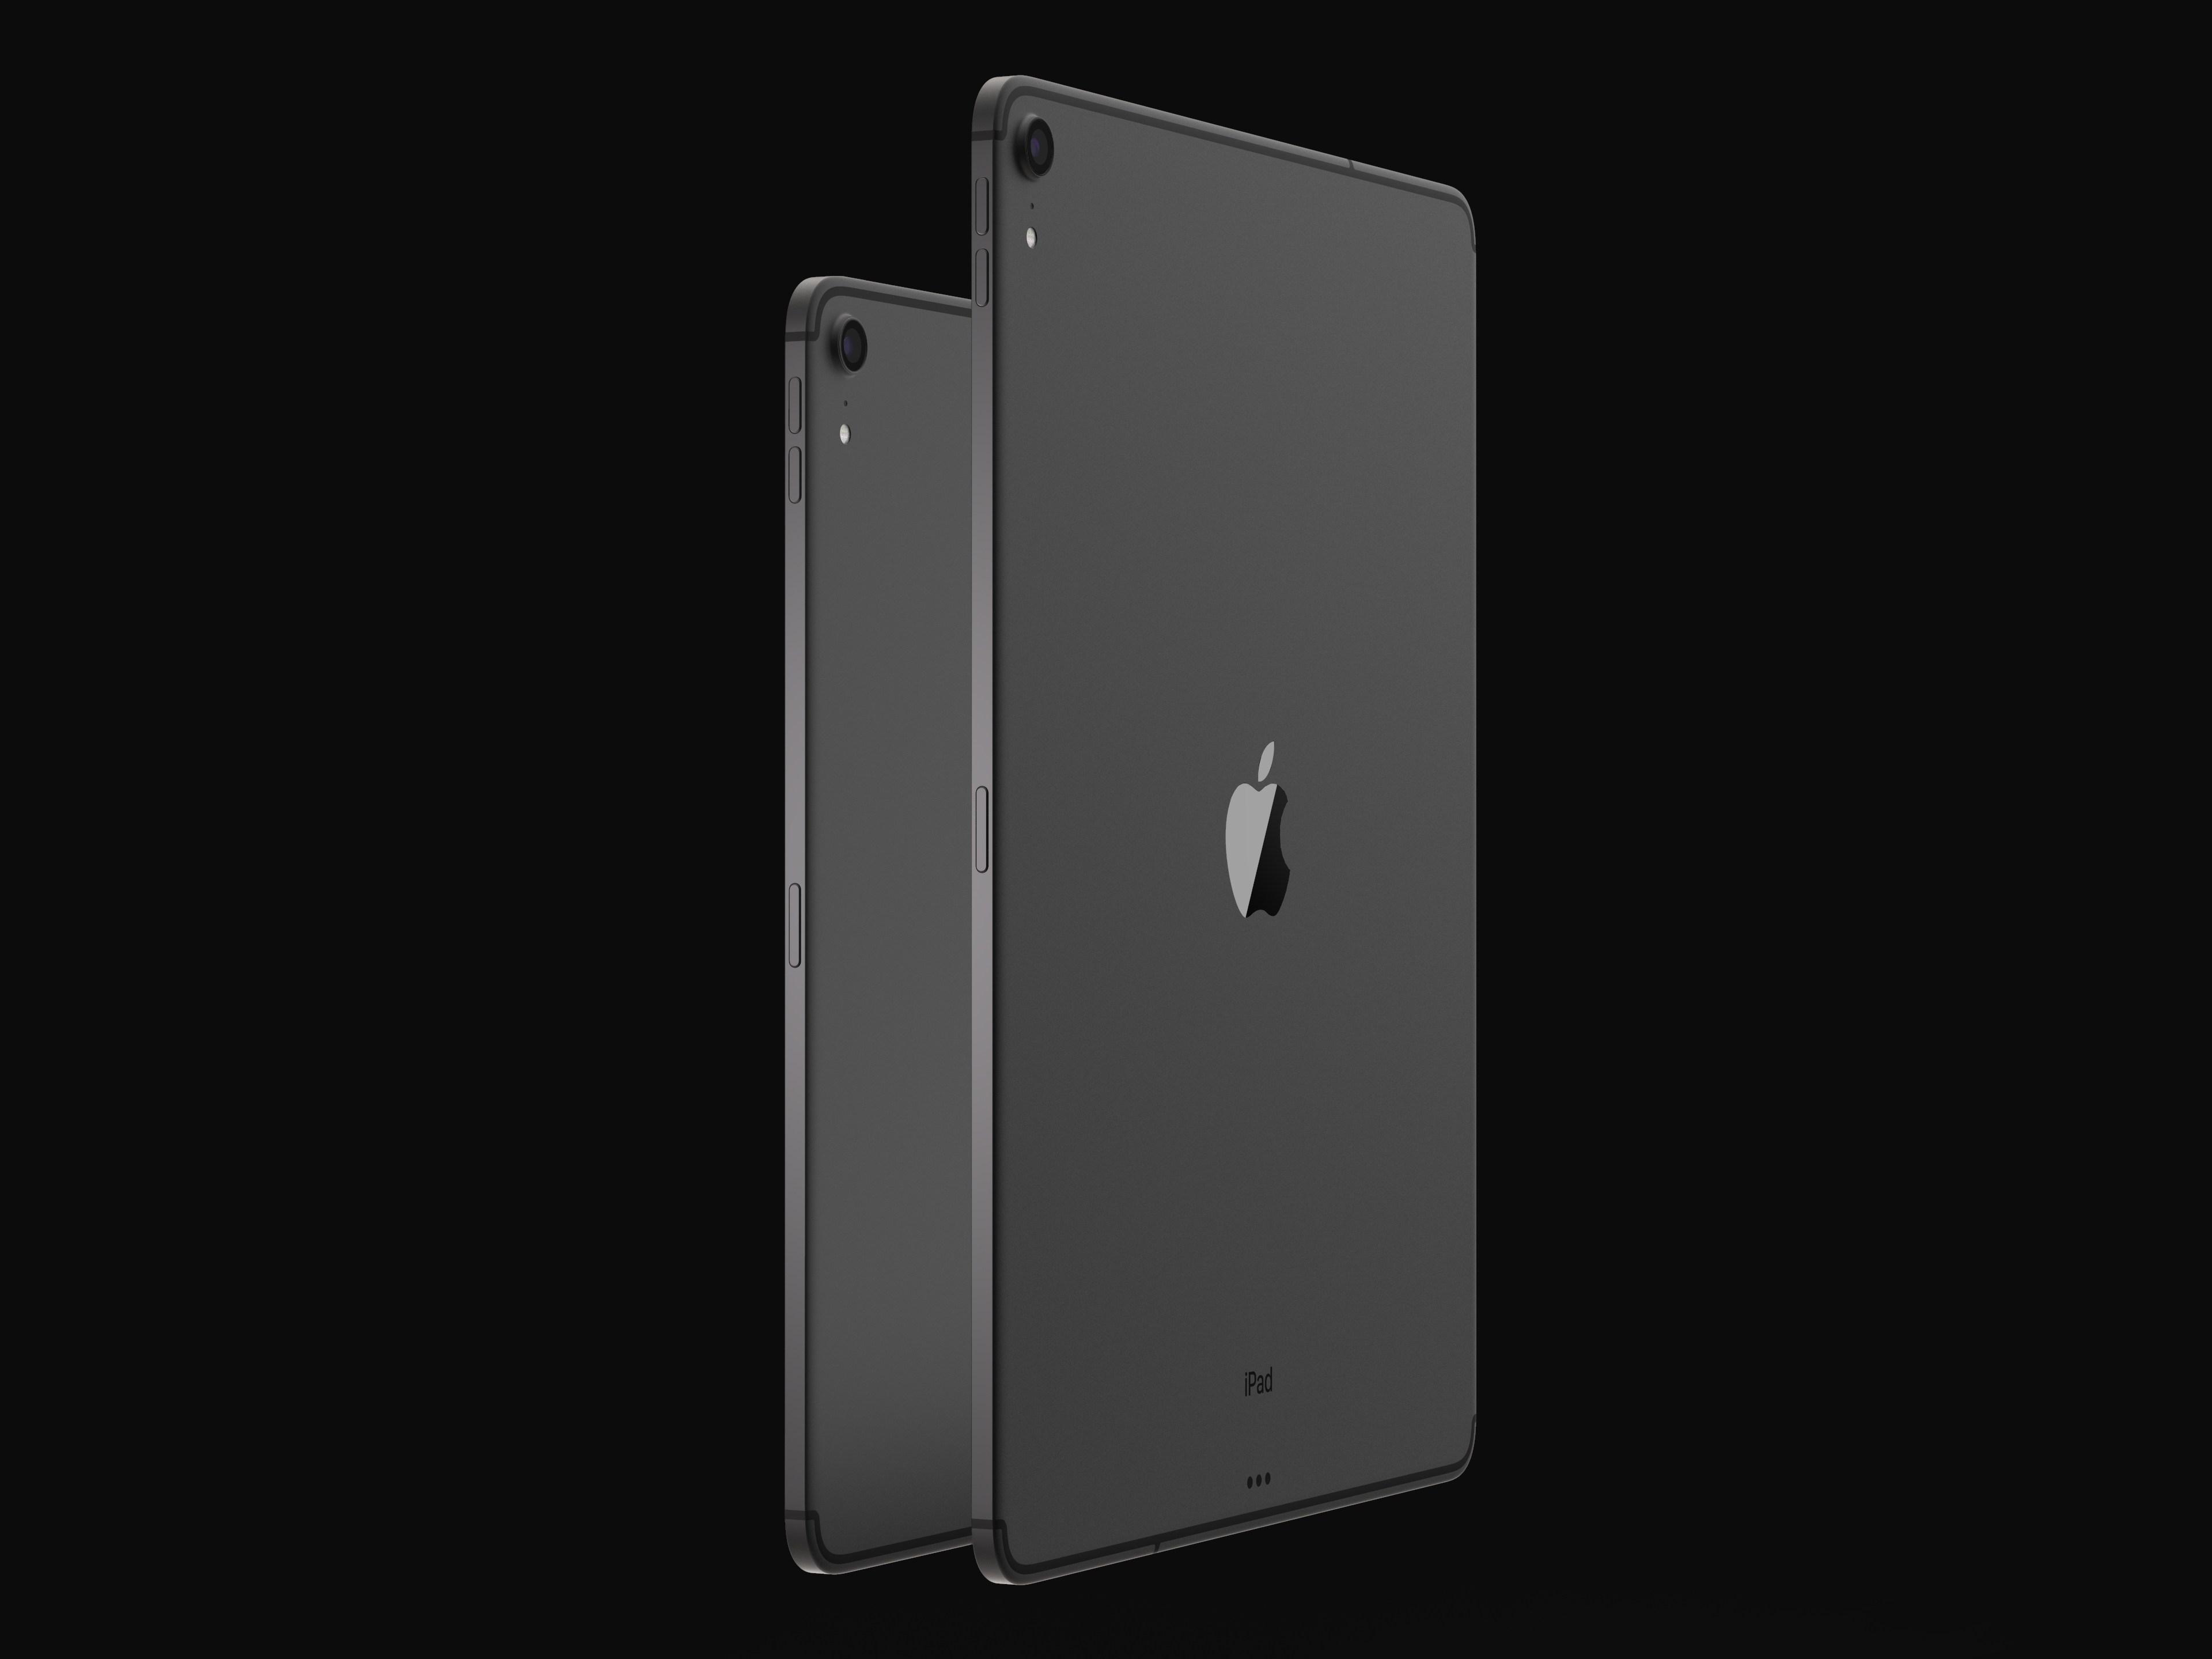 iPad Pro 2018 concept design 4